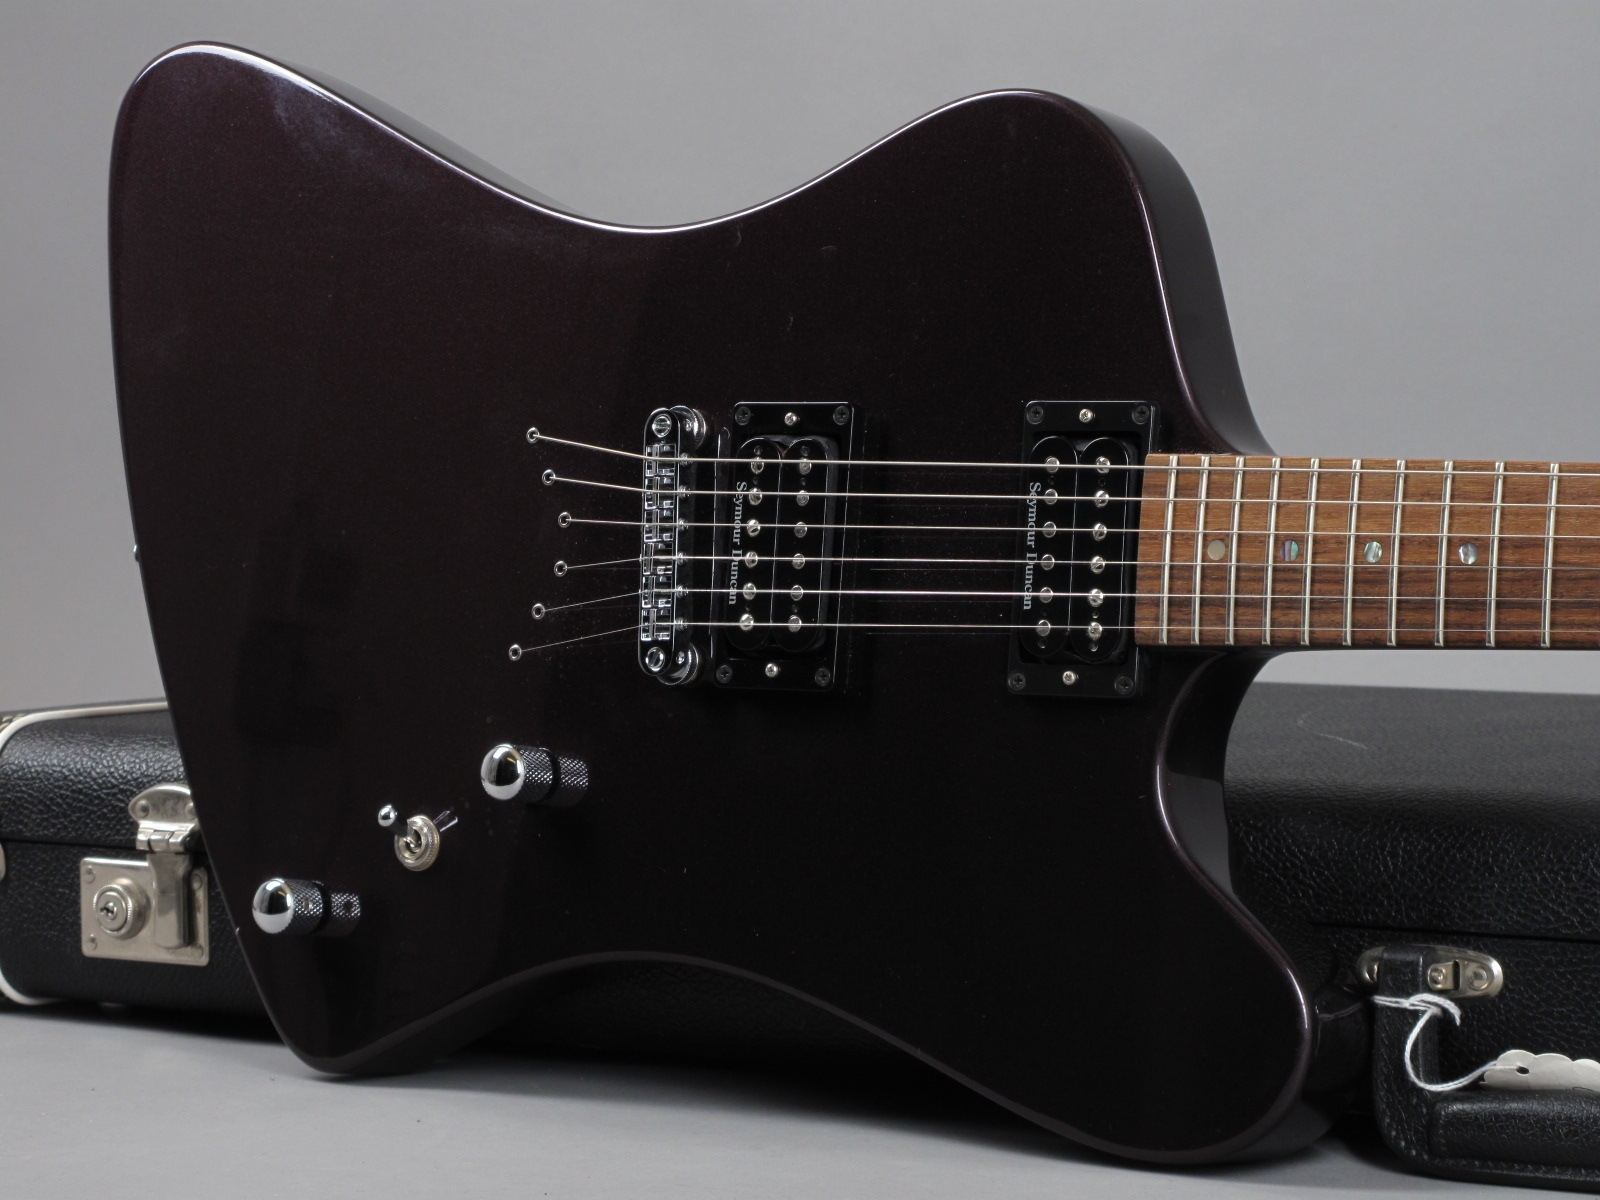 https://guitarpoint.de/app/uploads/products/1990-gmp-firebird-purple-metallic-made-in-san-dimas-usa/1990-GMP-Firebird-Purple-997_19.jpg